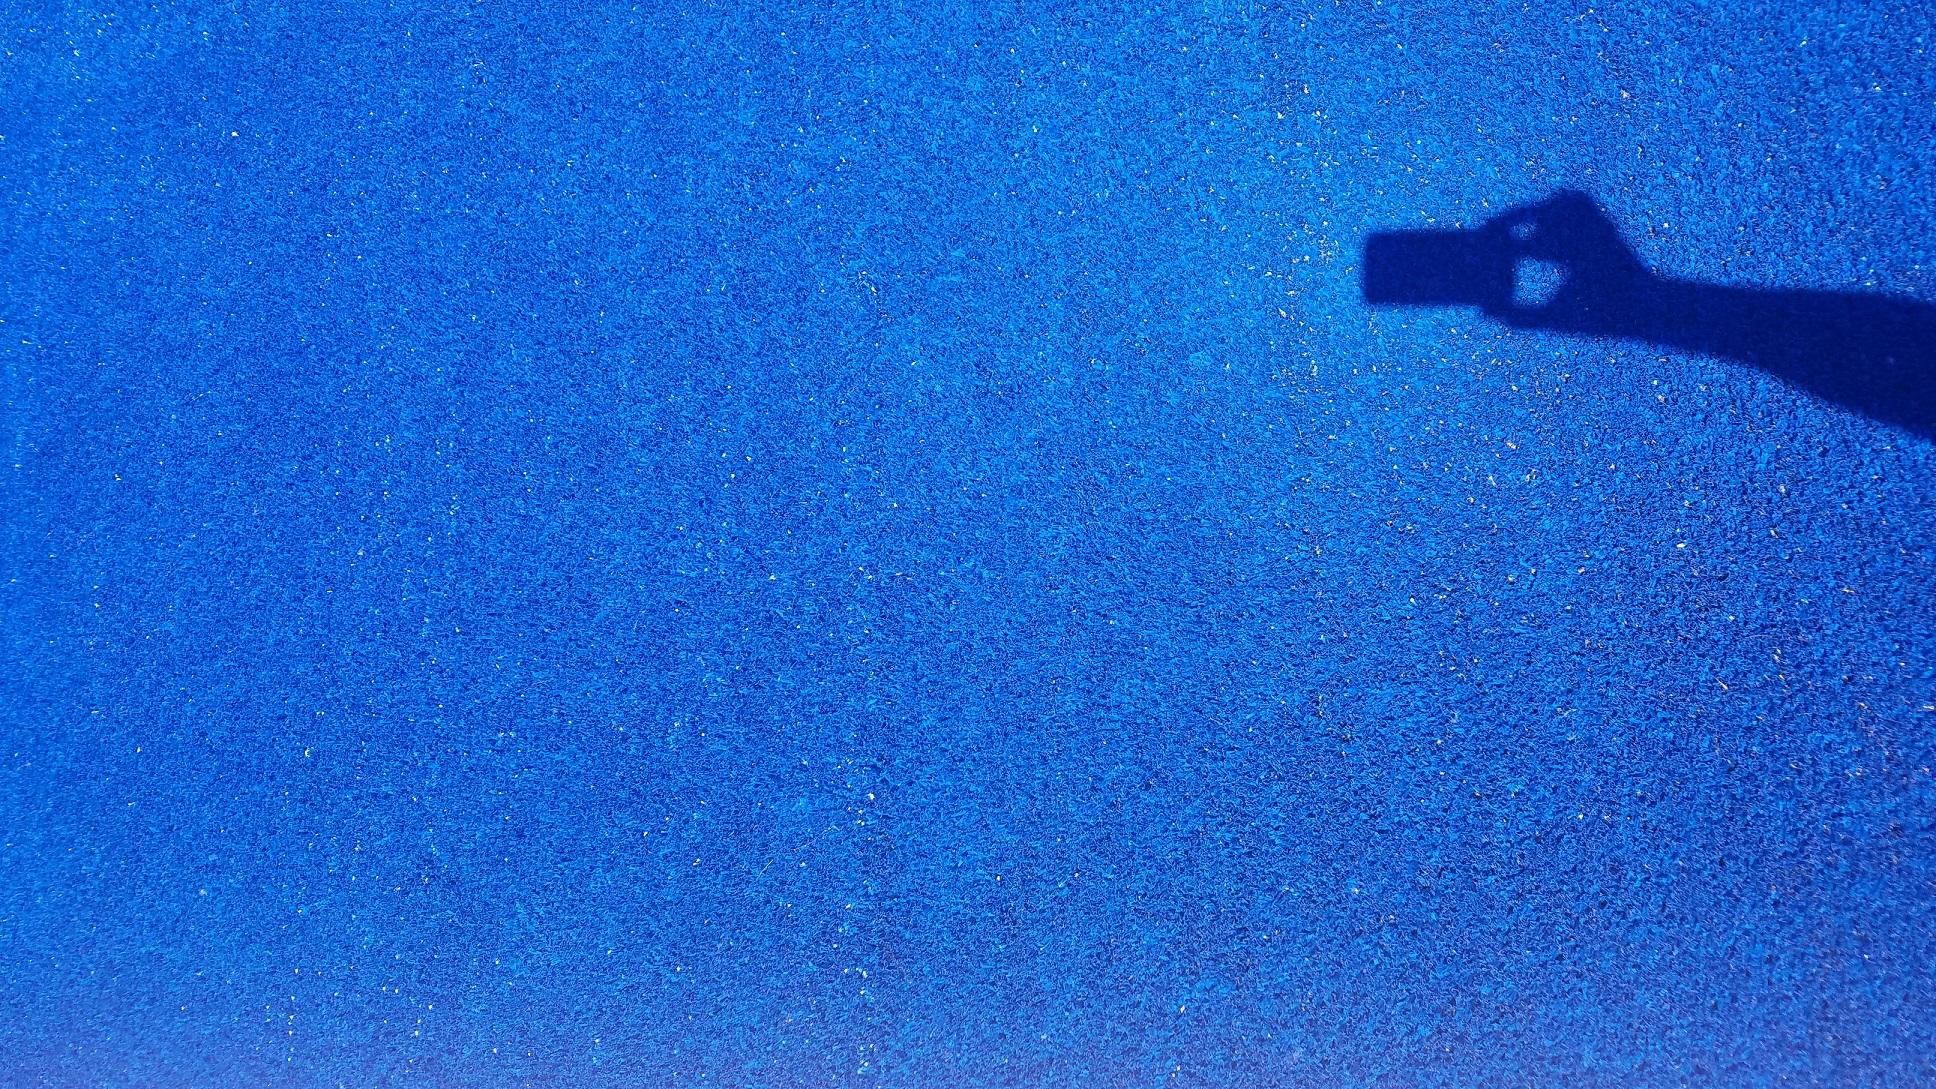 BOISE STATE: HALL OF FAME, BLUE TURF AMBASSADOR PROGRAM BACK OPEN FOR BUSINESS